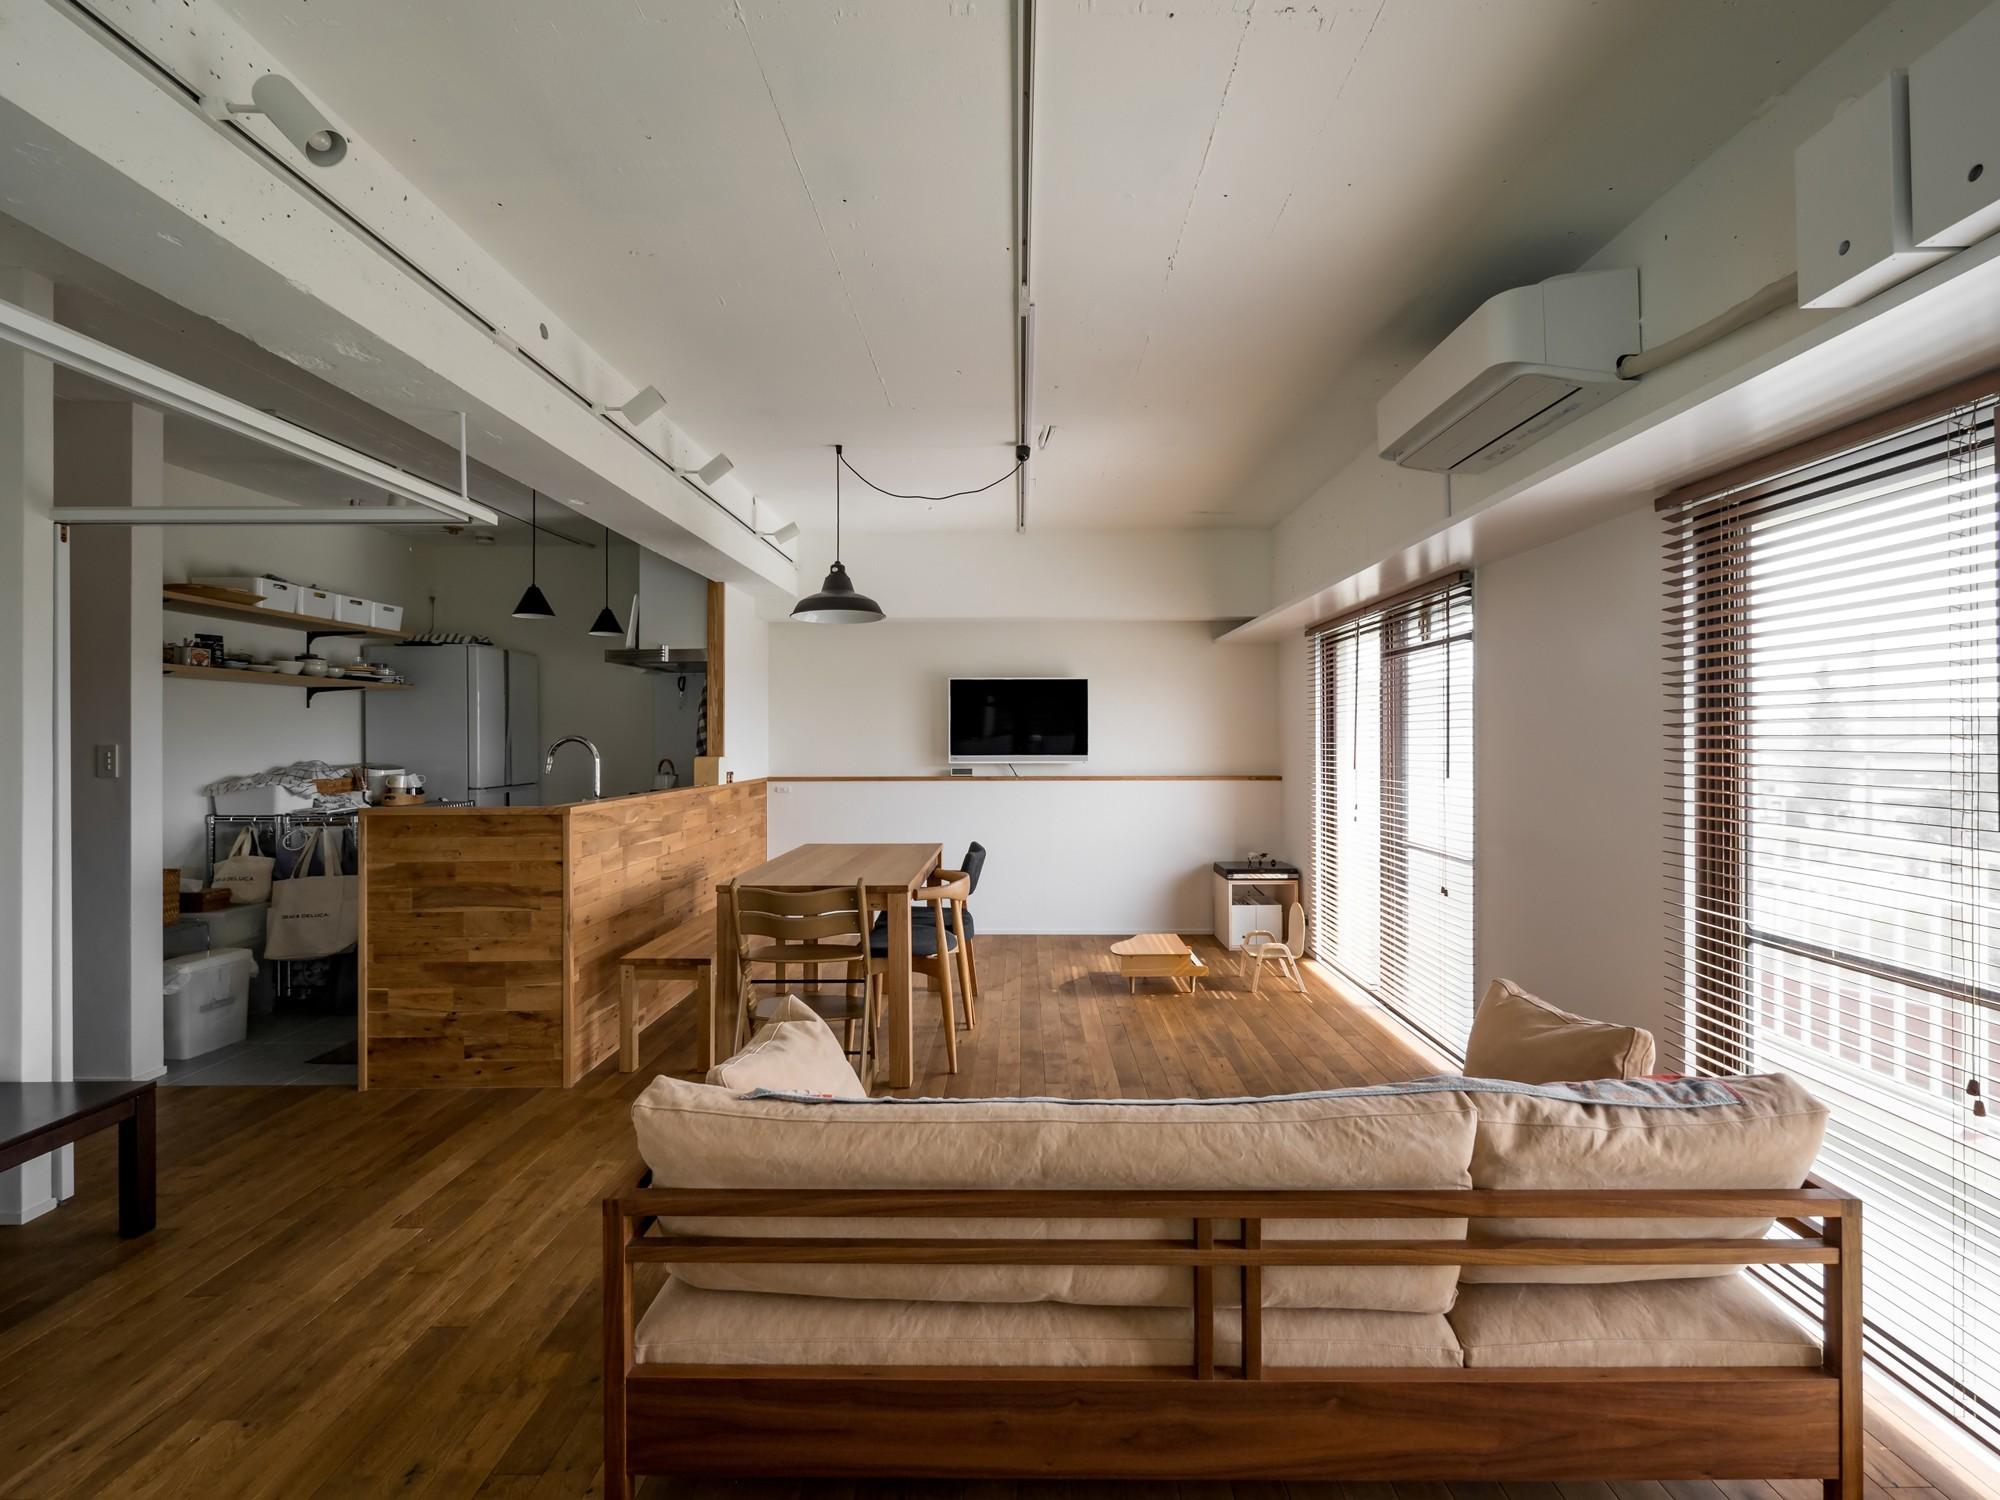 リビングダイニング事例:テレビをダイニング越に配置しゆったりとした空間に(素因数の家 すくすくリノベーションvol.11)